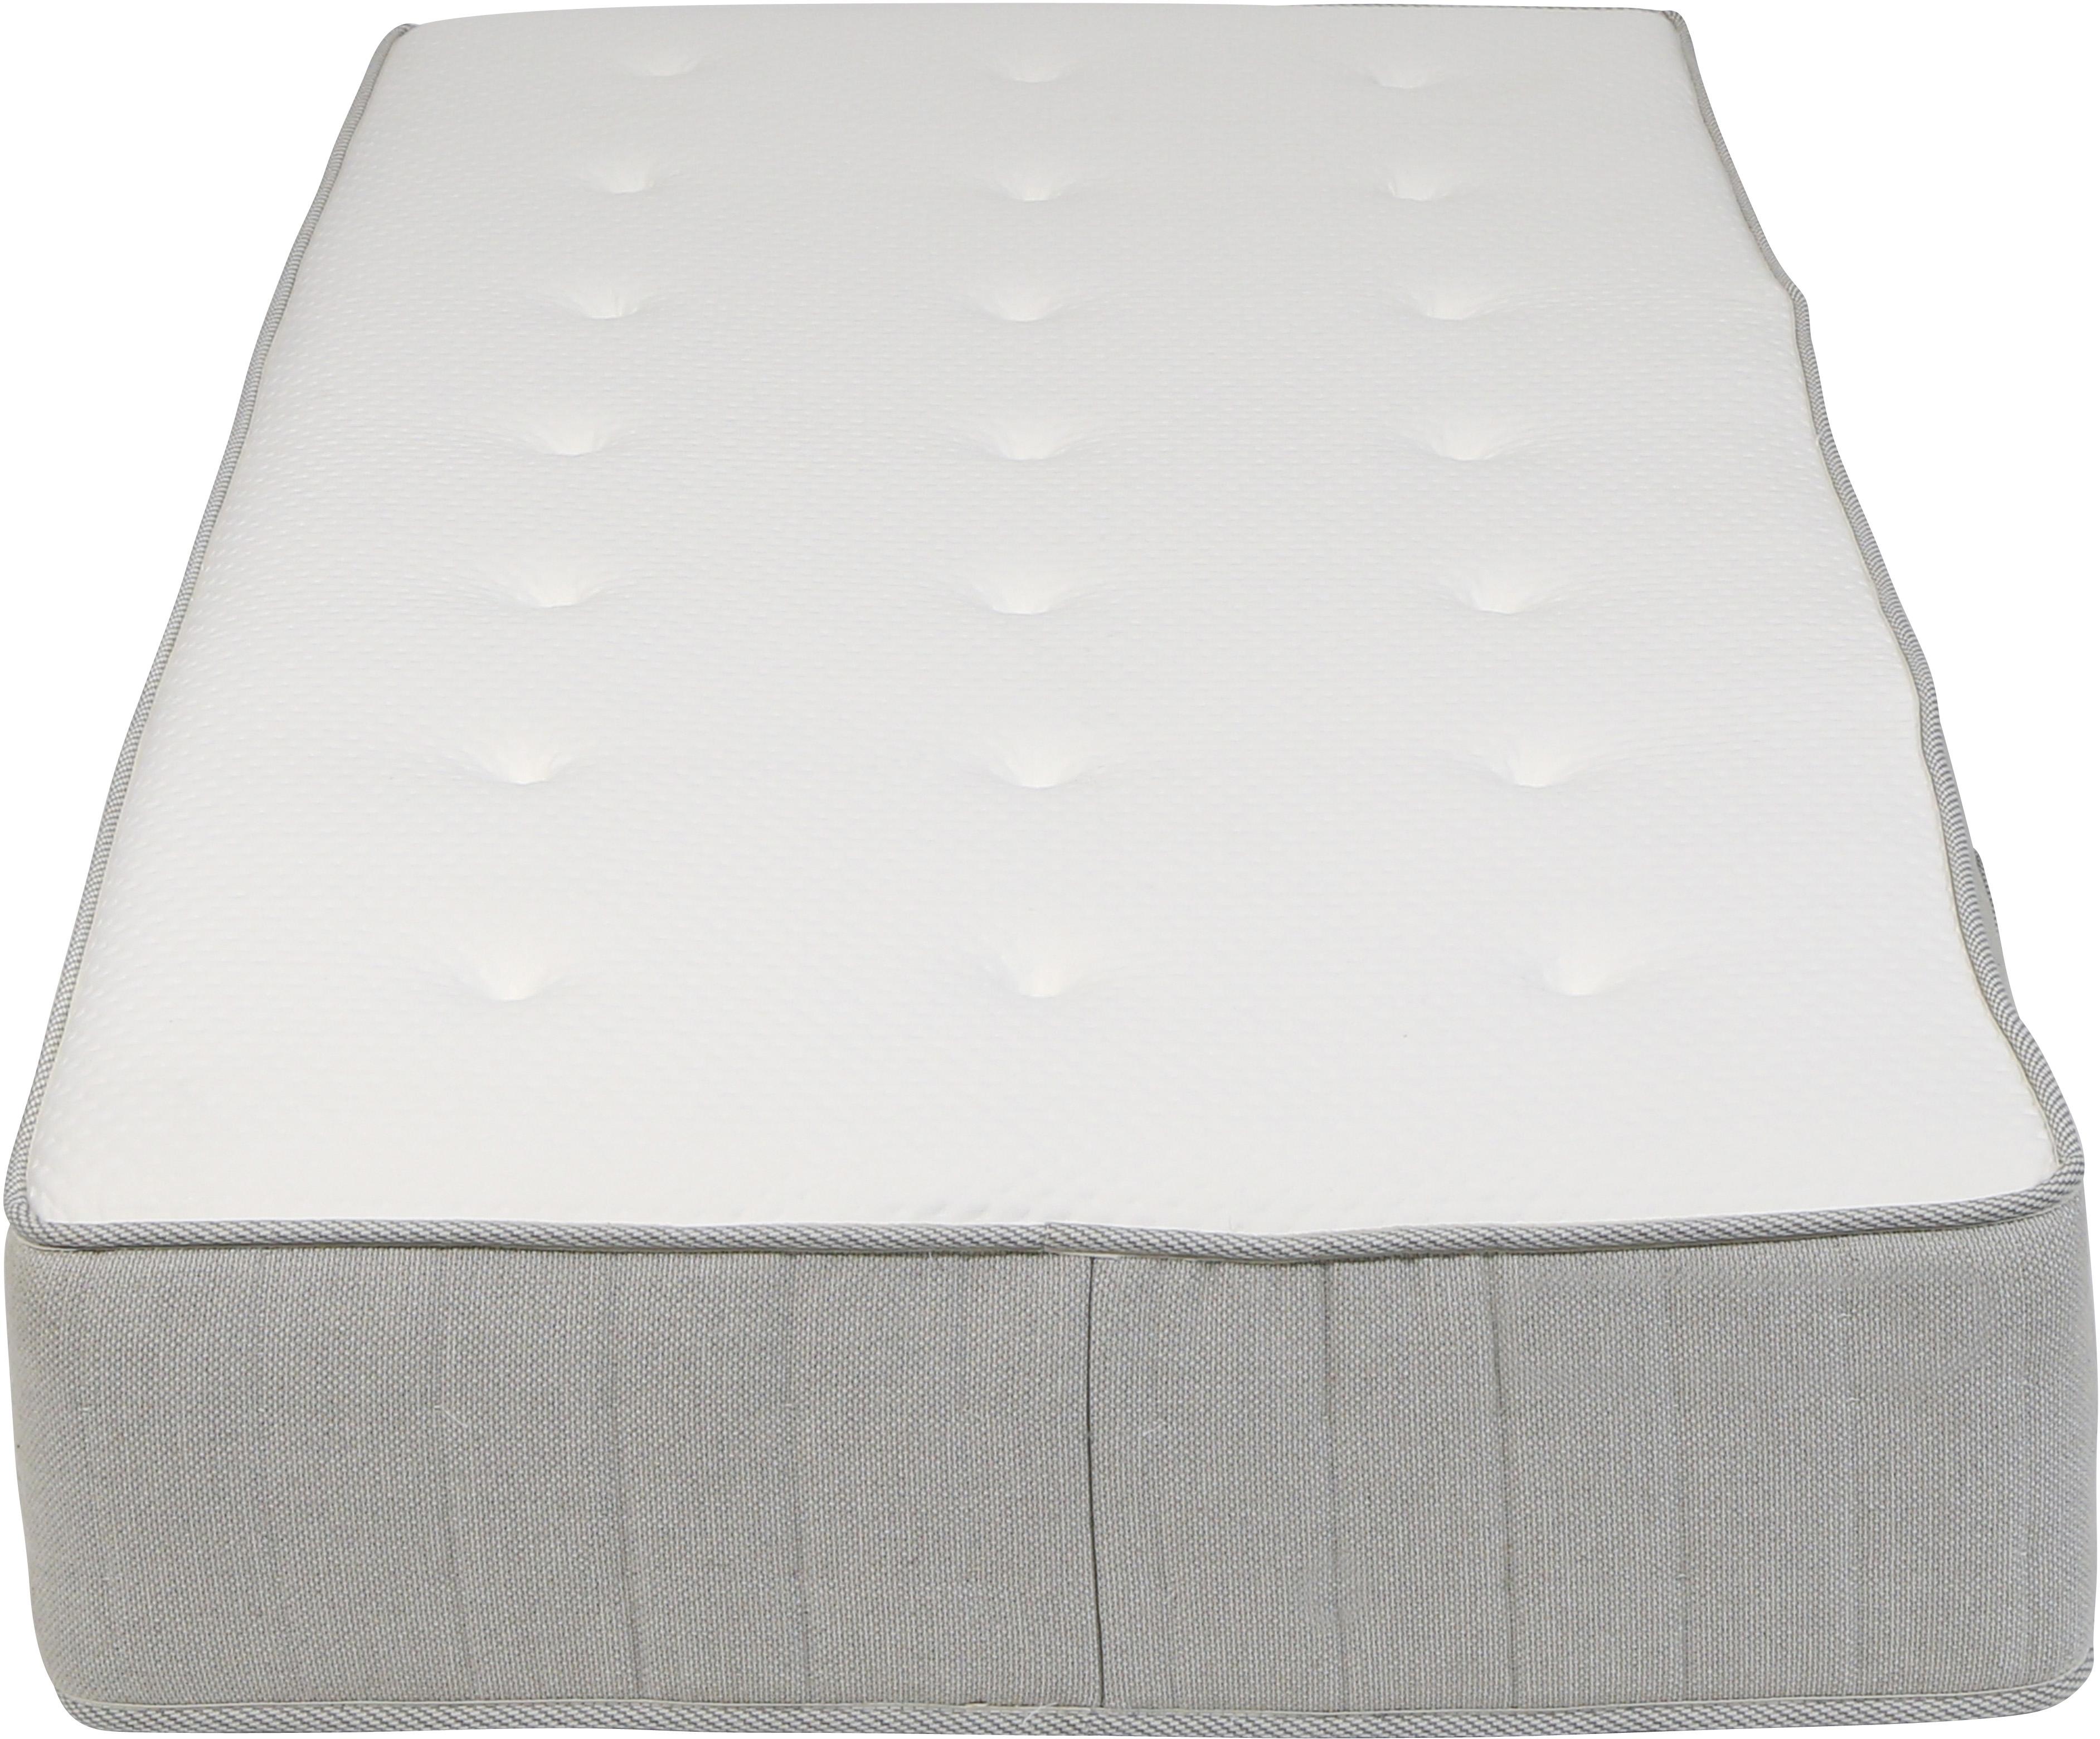 elegant registreren aanmelden ikea hesseng with ikea persoons matras with ikea klamboe 2 persoons. Black Bedroom Furniture Sets. Home Design Ideas